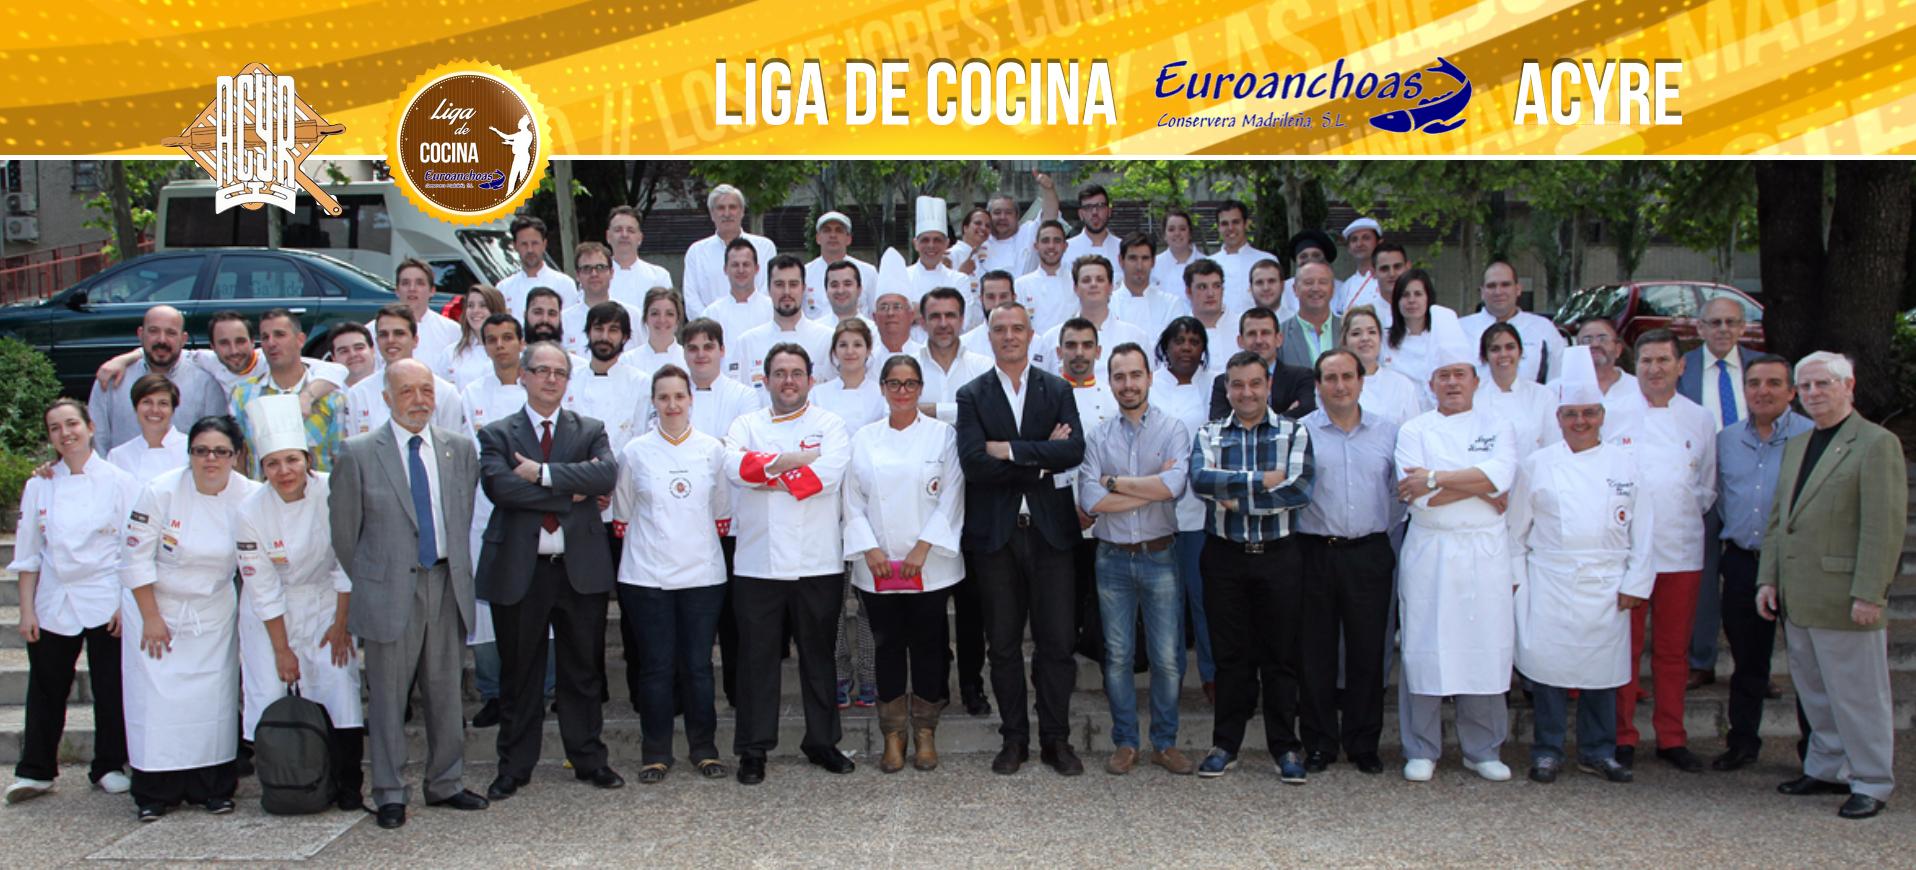 Liga de Cocina Euroanchoas campeonato 2015